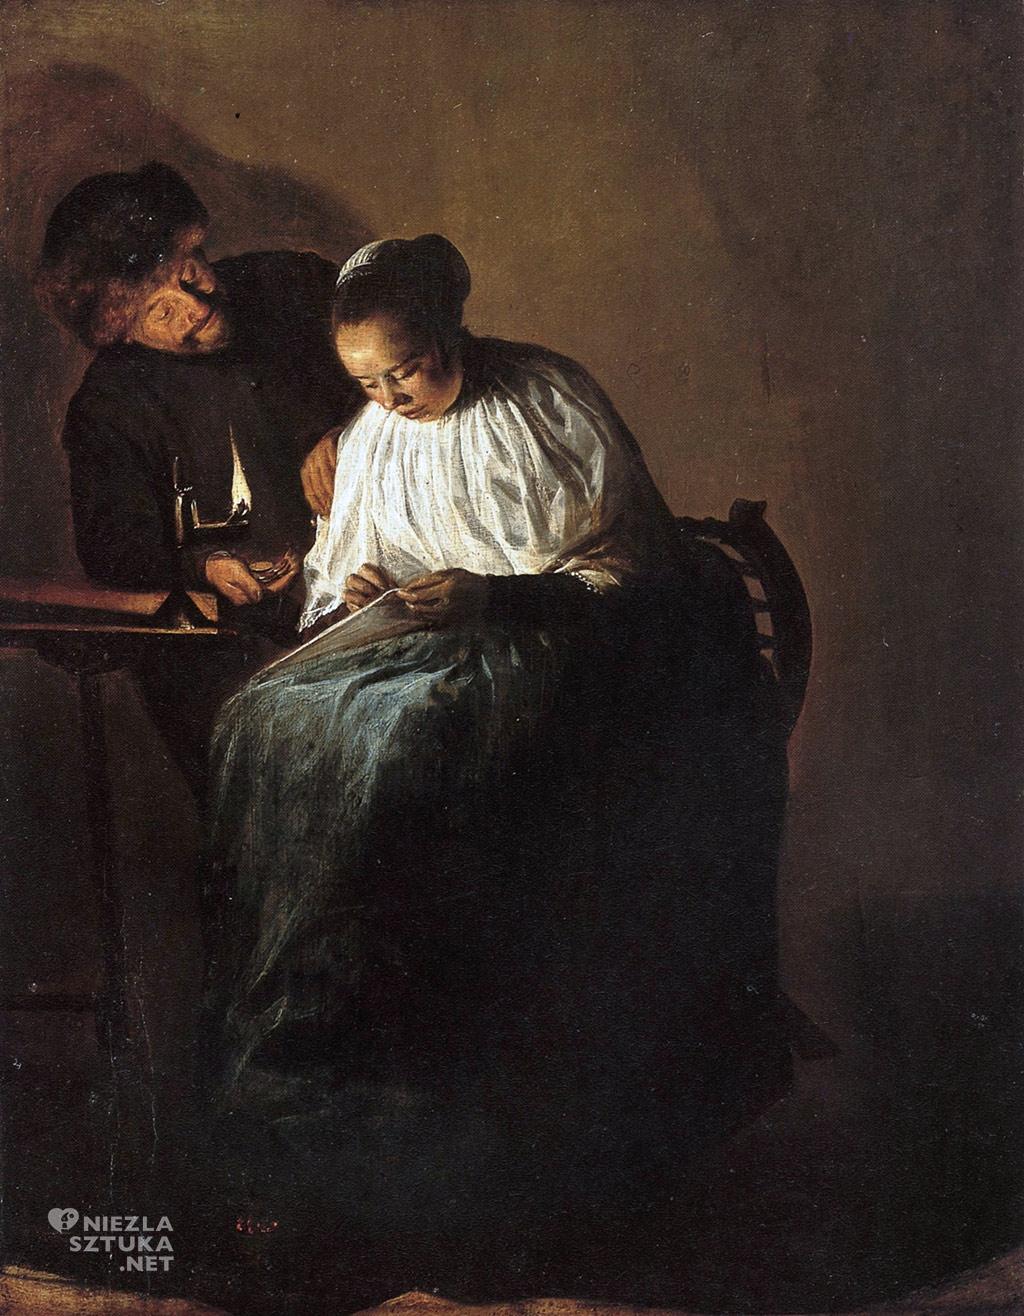 Judith Leyster <em>Propozycja</em> | 1631